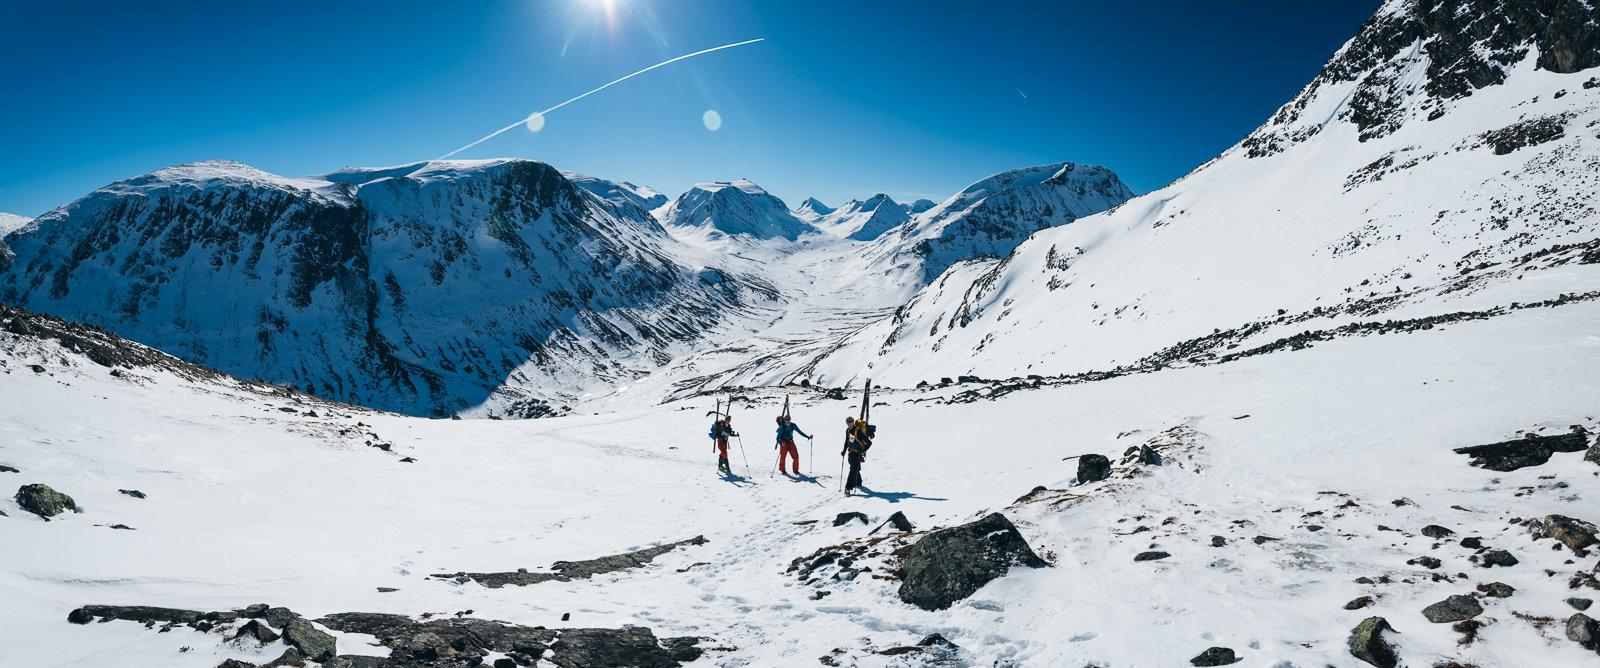 Ikke mye å si på verken vær, utsikt eller forhold på det som skulle bli siste dagen på Høgruta for vår del. Nydelig dag og perfekte forhold for å nå toppen av Norge.  - ©Tor Berge - Norexplore